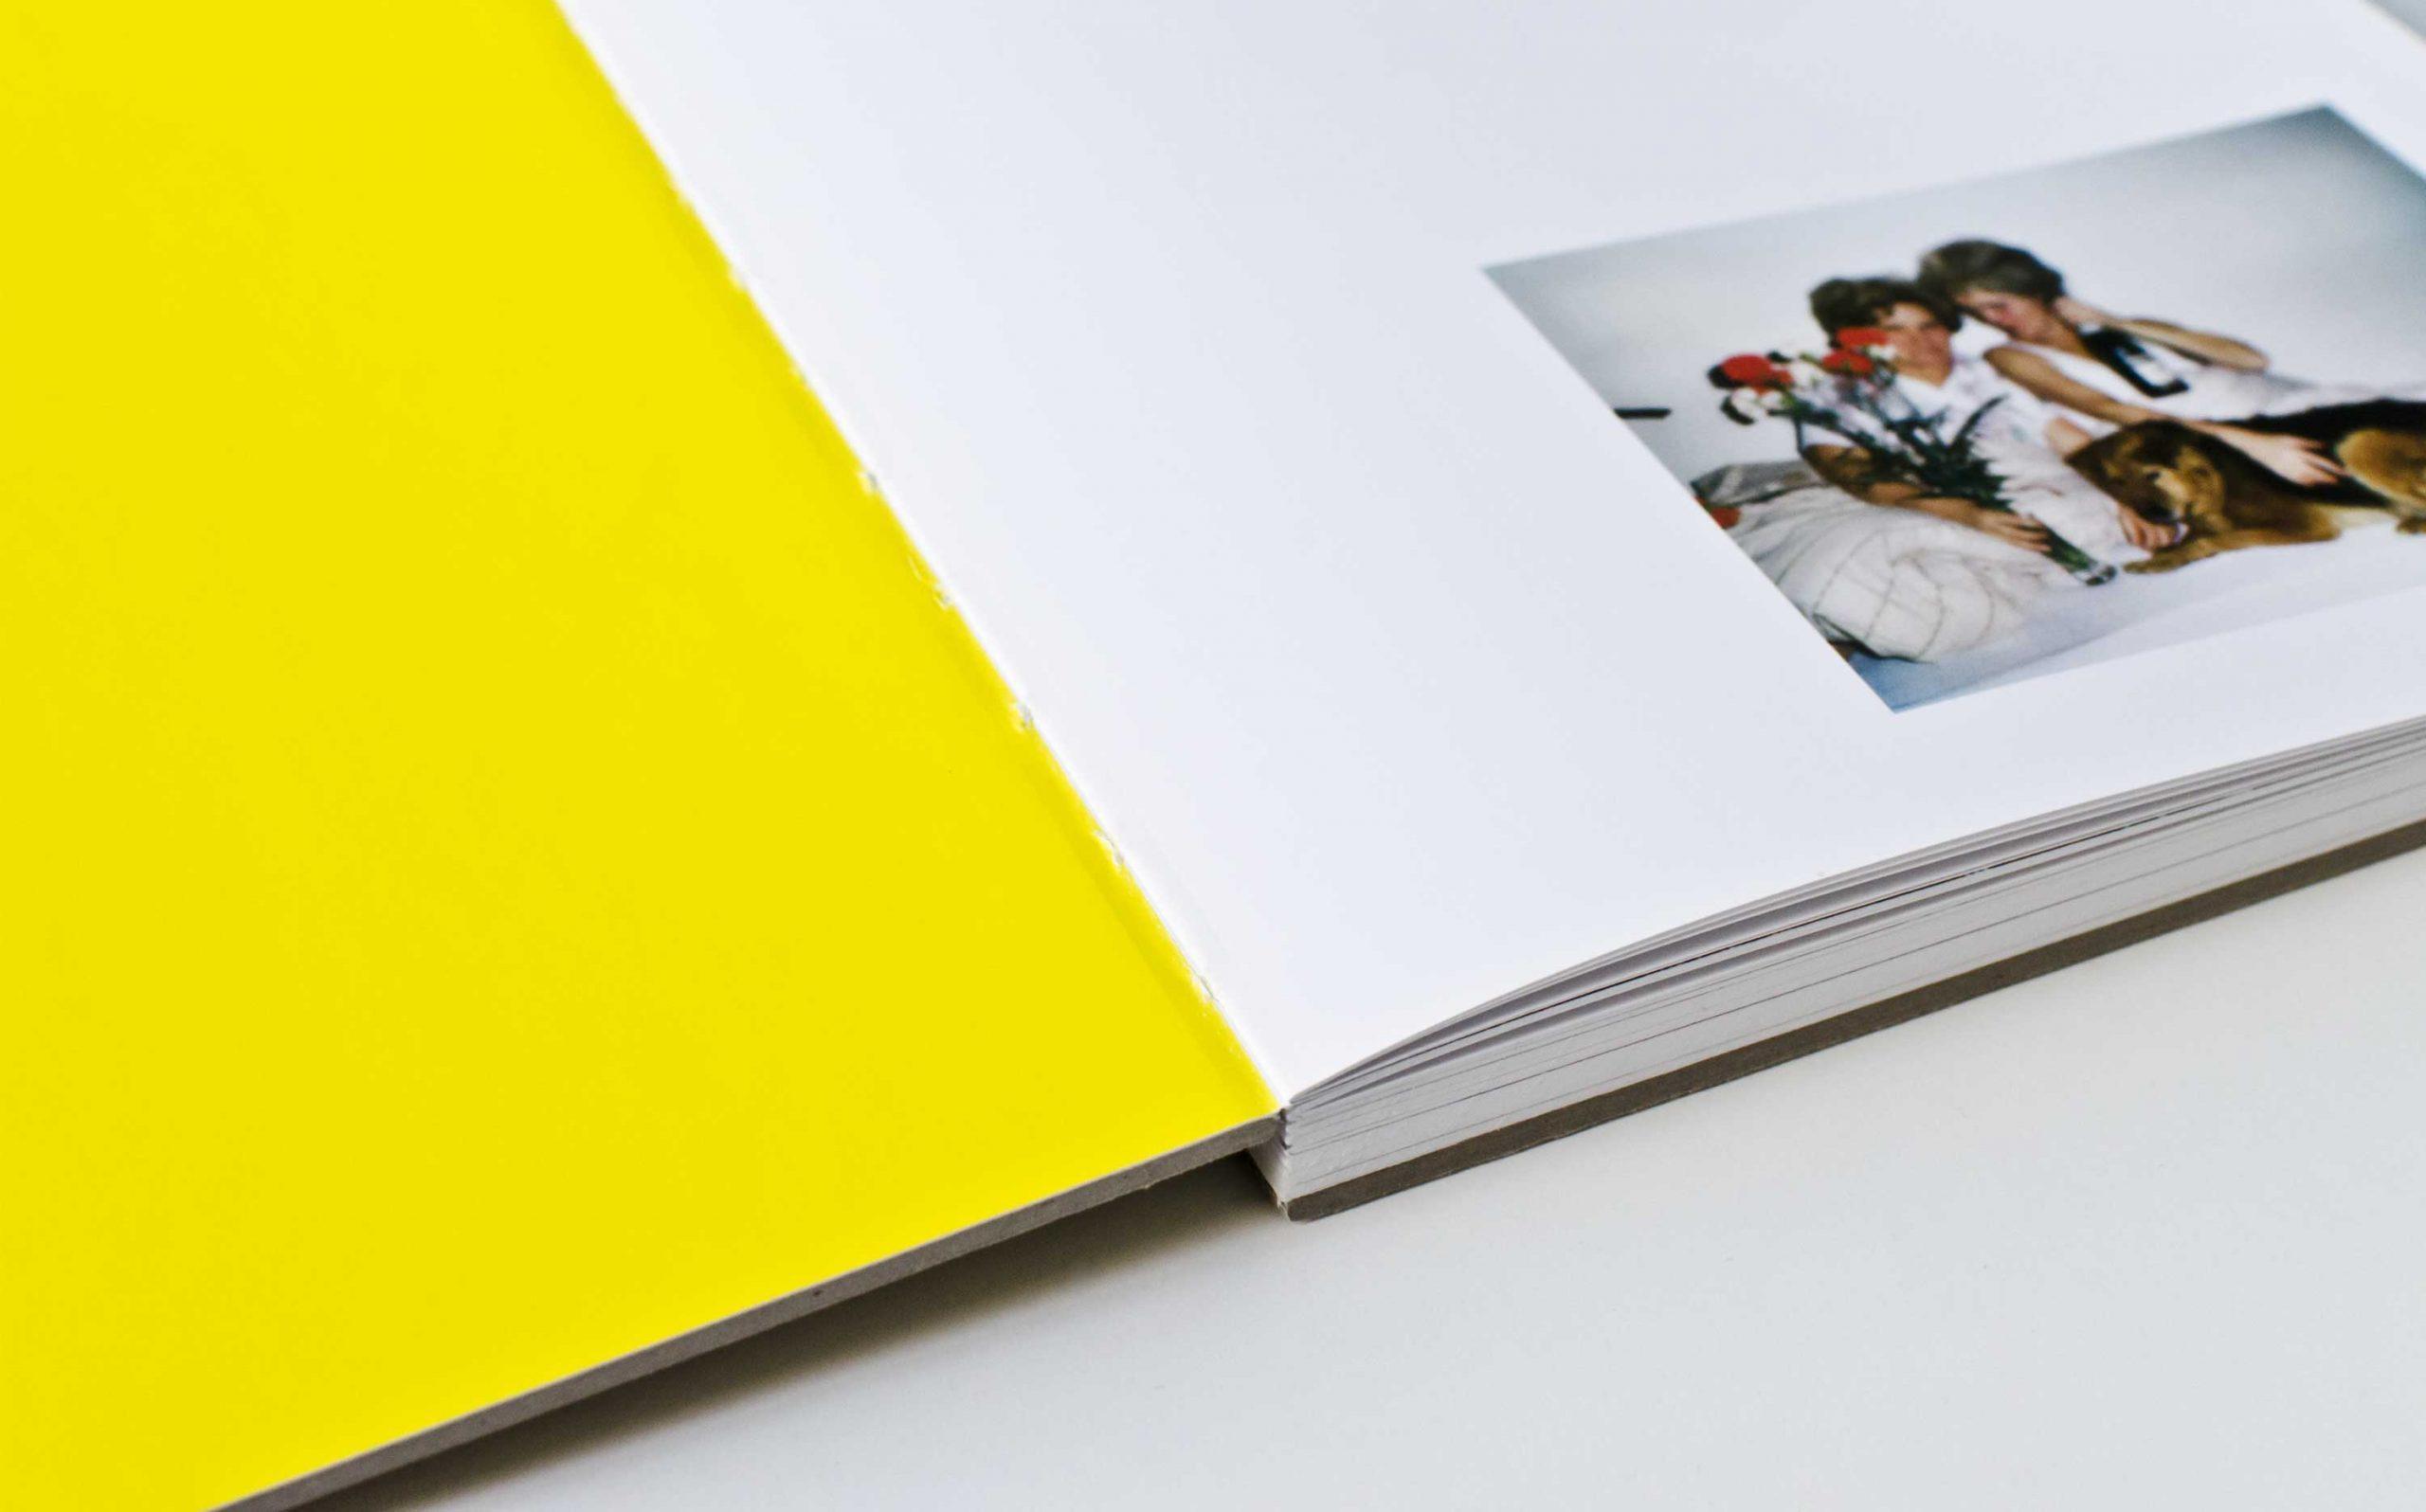 Tarek Leitner, Peter Coeln – Hilde & Gretl | Detail des Buches, aufgeschlagen mit Pantone bedruckter Vorsatz und Bild rechts | Keywords: Editorial Design, Veredelung, Artist Book, Künstlerbuch, Buchgestaltung, Grafikdesign, Design, Typografie, Nippes